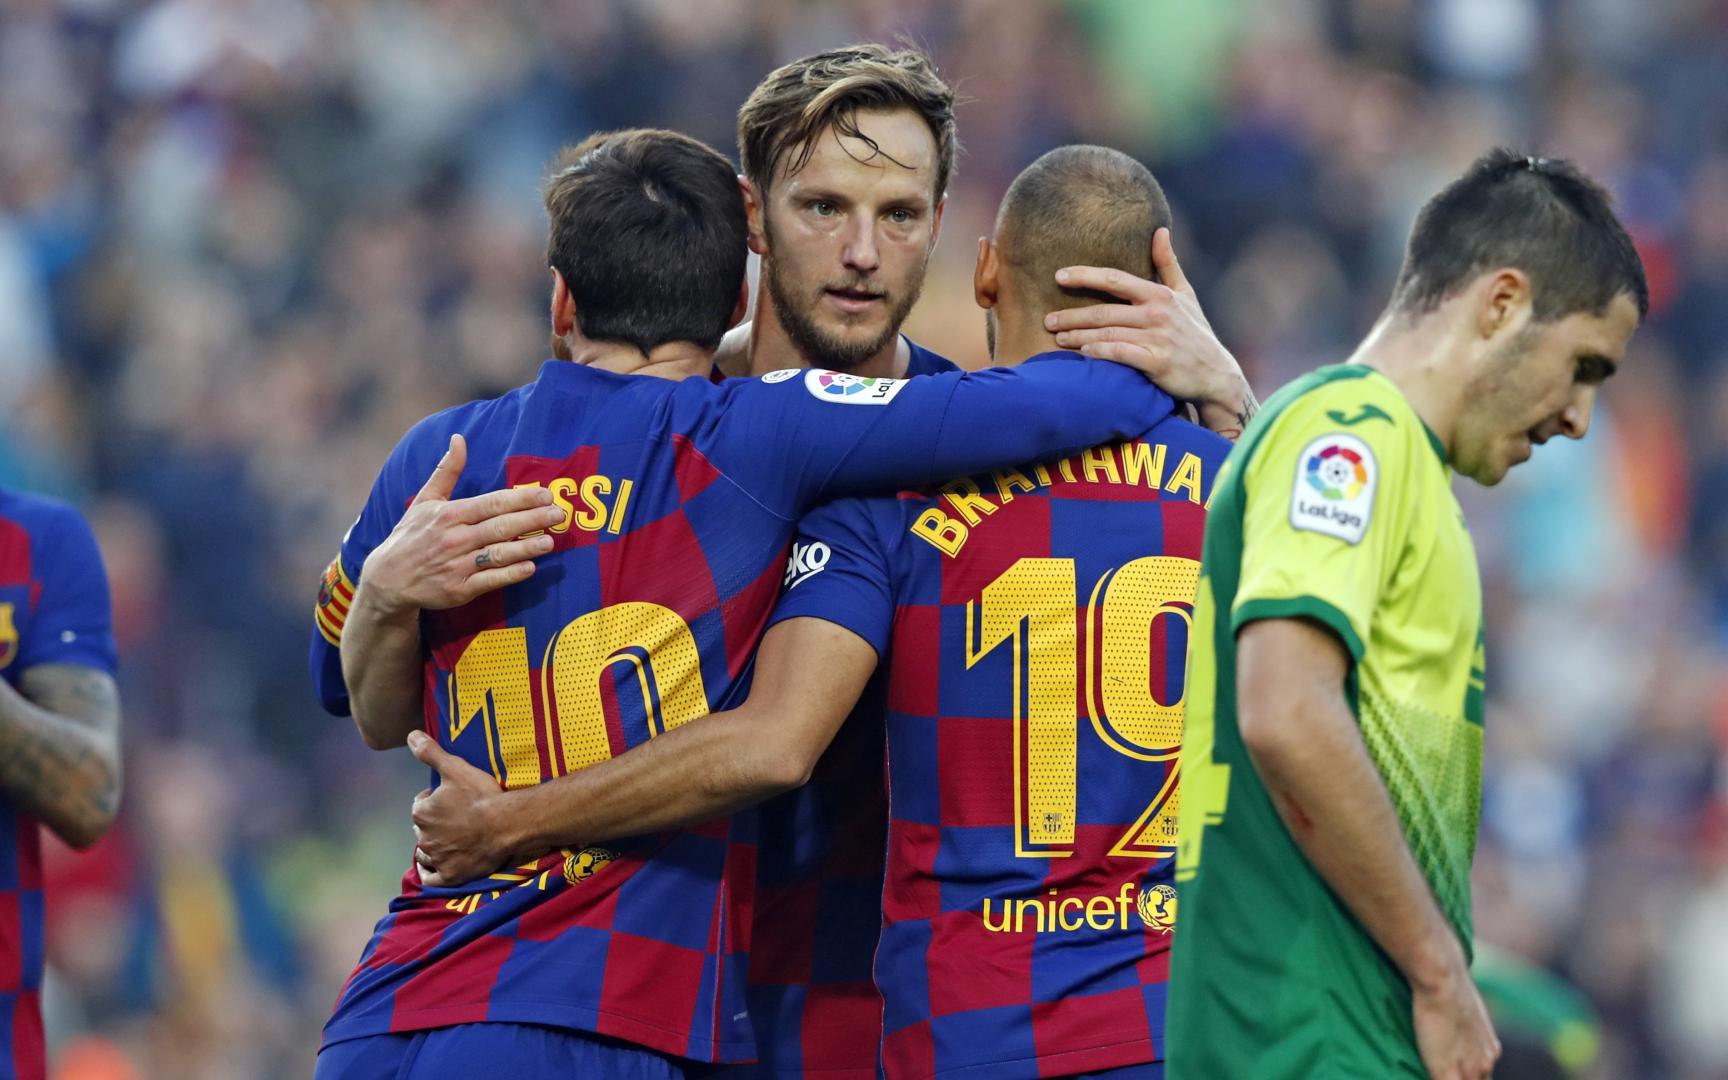 Preview Fc Barcelona V Real Sociedad